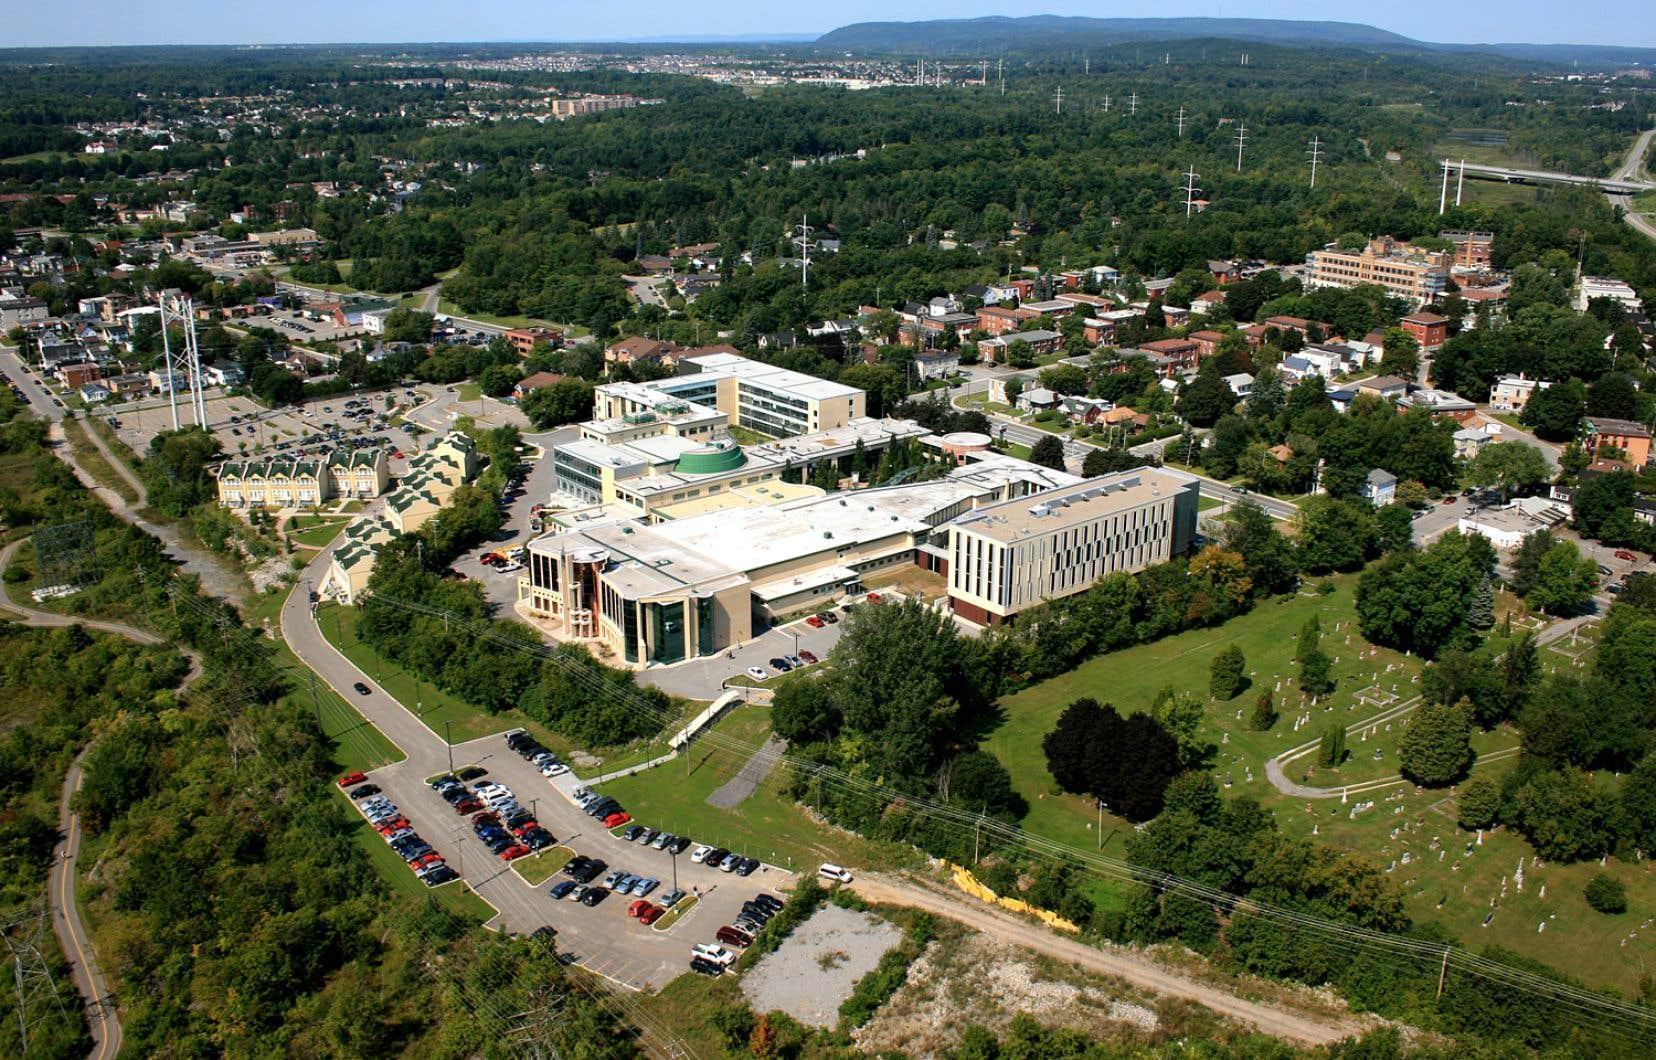 Ce comité doit ressembler et rassembler les membres de la communauté universitaire de l'Université du Québec en Outaouais dans toute sa diversité, souligne l'auteure.